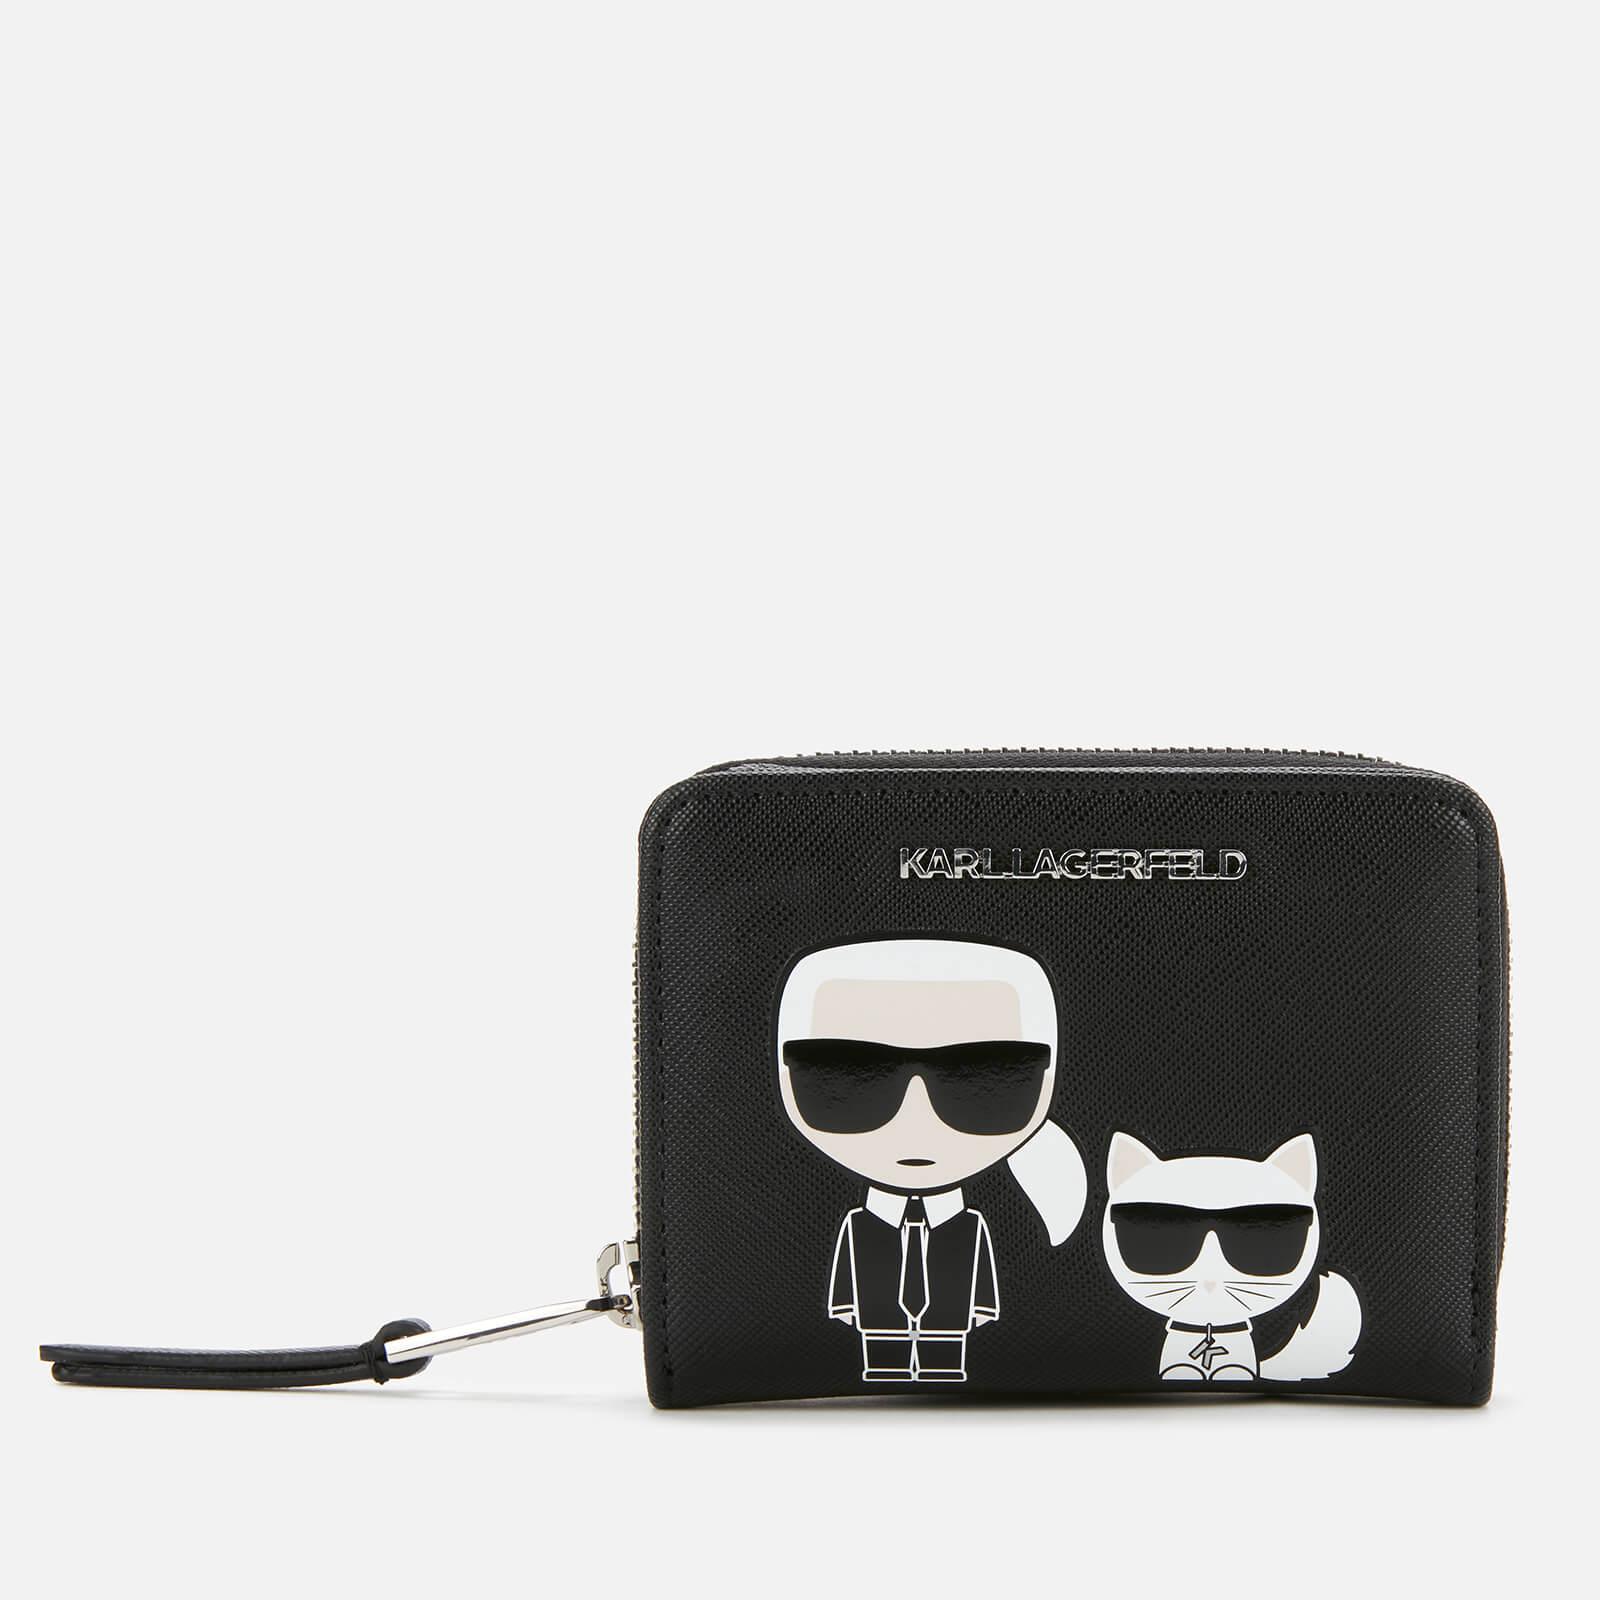 Karl Lagerfeld Women's K/Ikonik Sm Folded Zip Wallet - Black